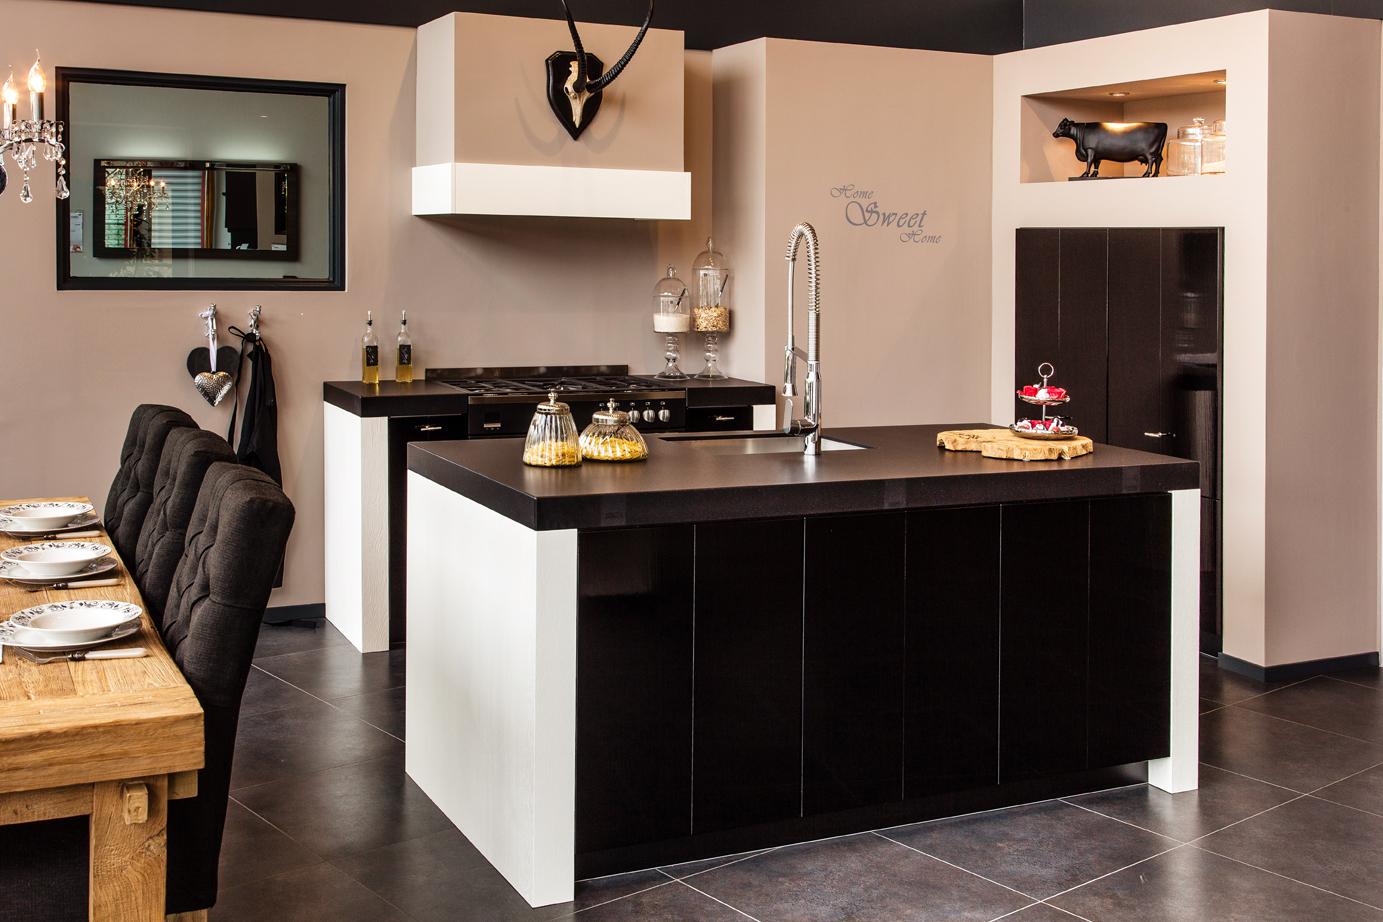 Keukenrenovatie Kopen : Keukenrenovatie in heel Nederland met eigen monteurs DB